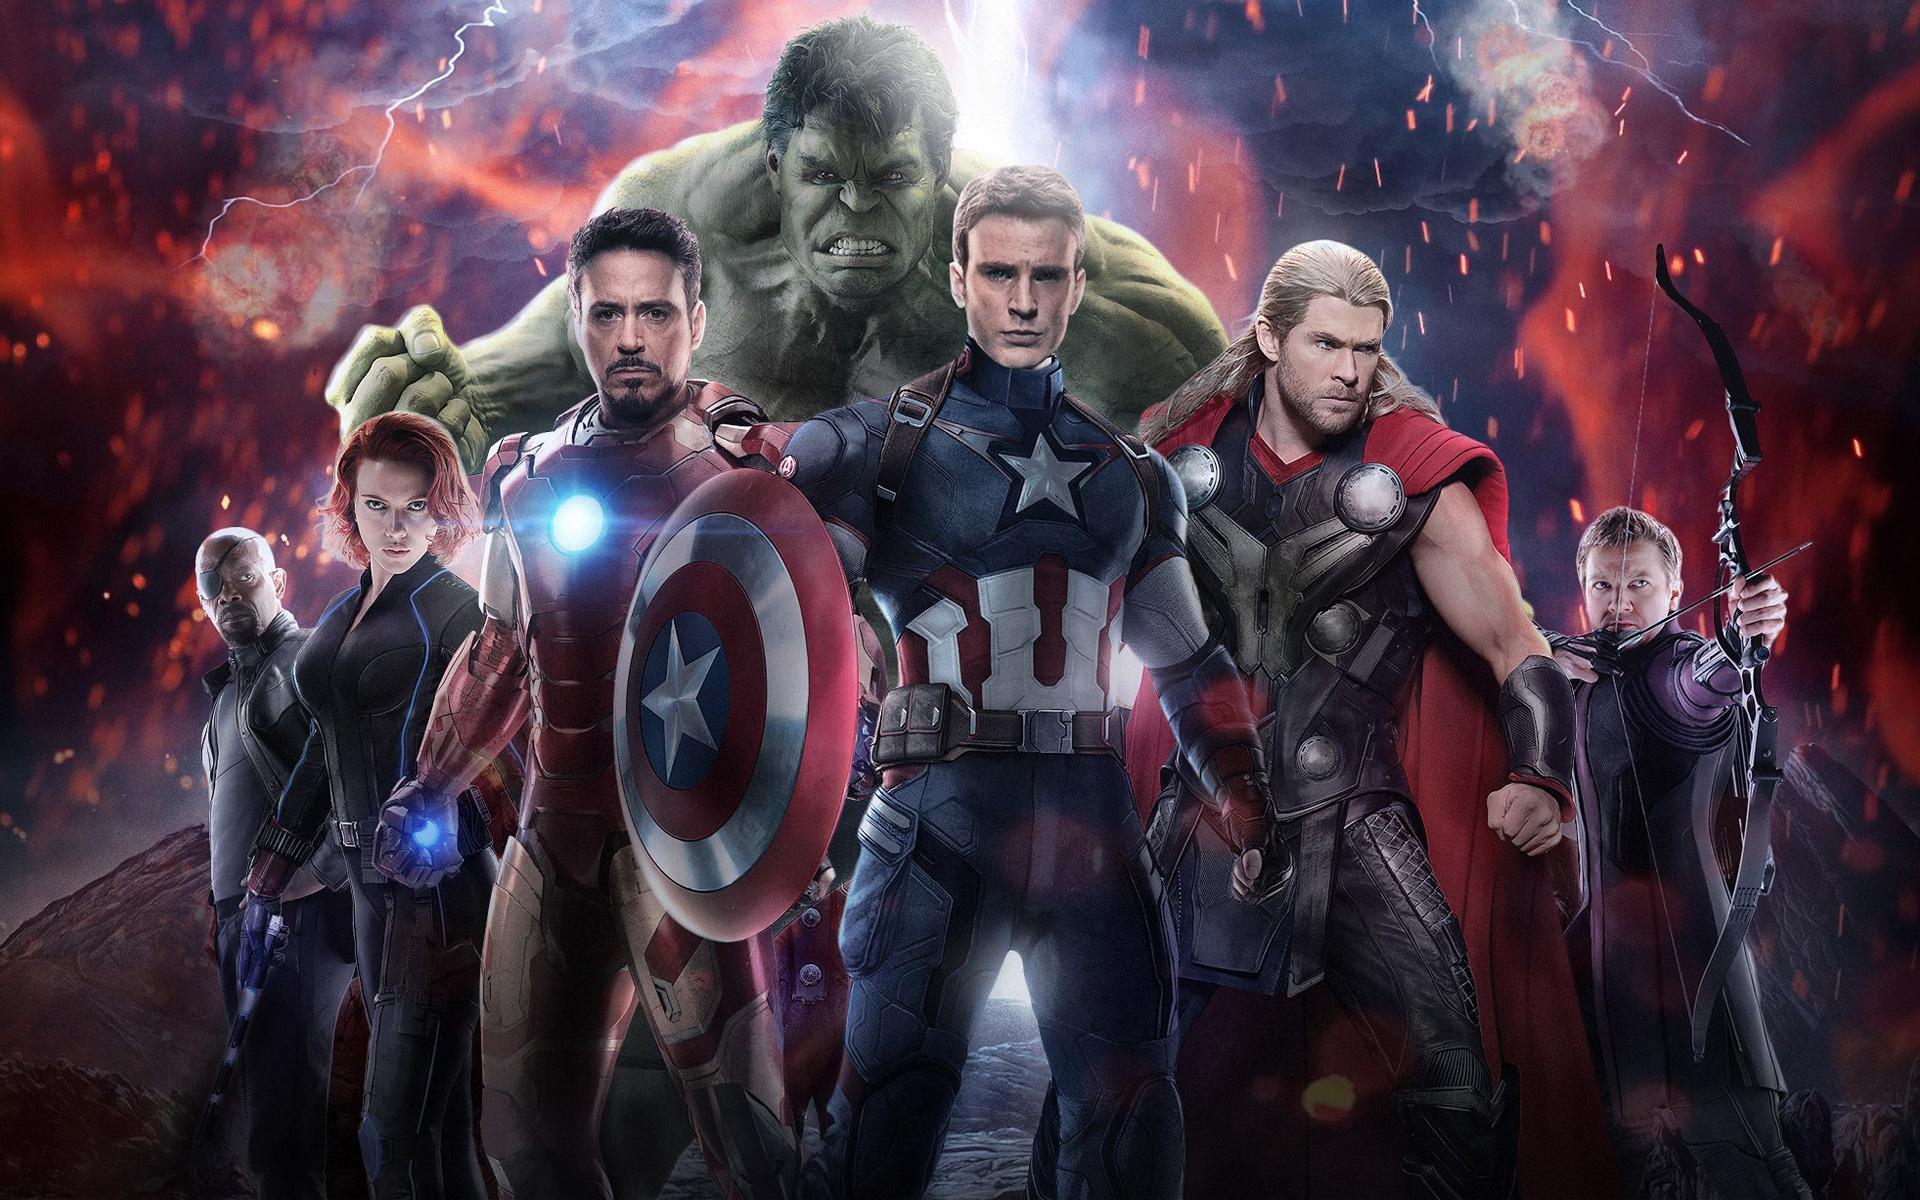 Avengers : L'ère d'Ultron Full HD Fond d'écran and Arrière-Plan | 1920x1200 | ID:615275